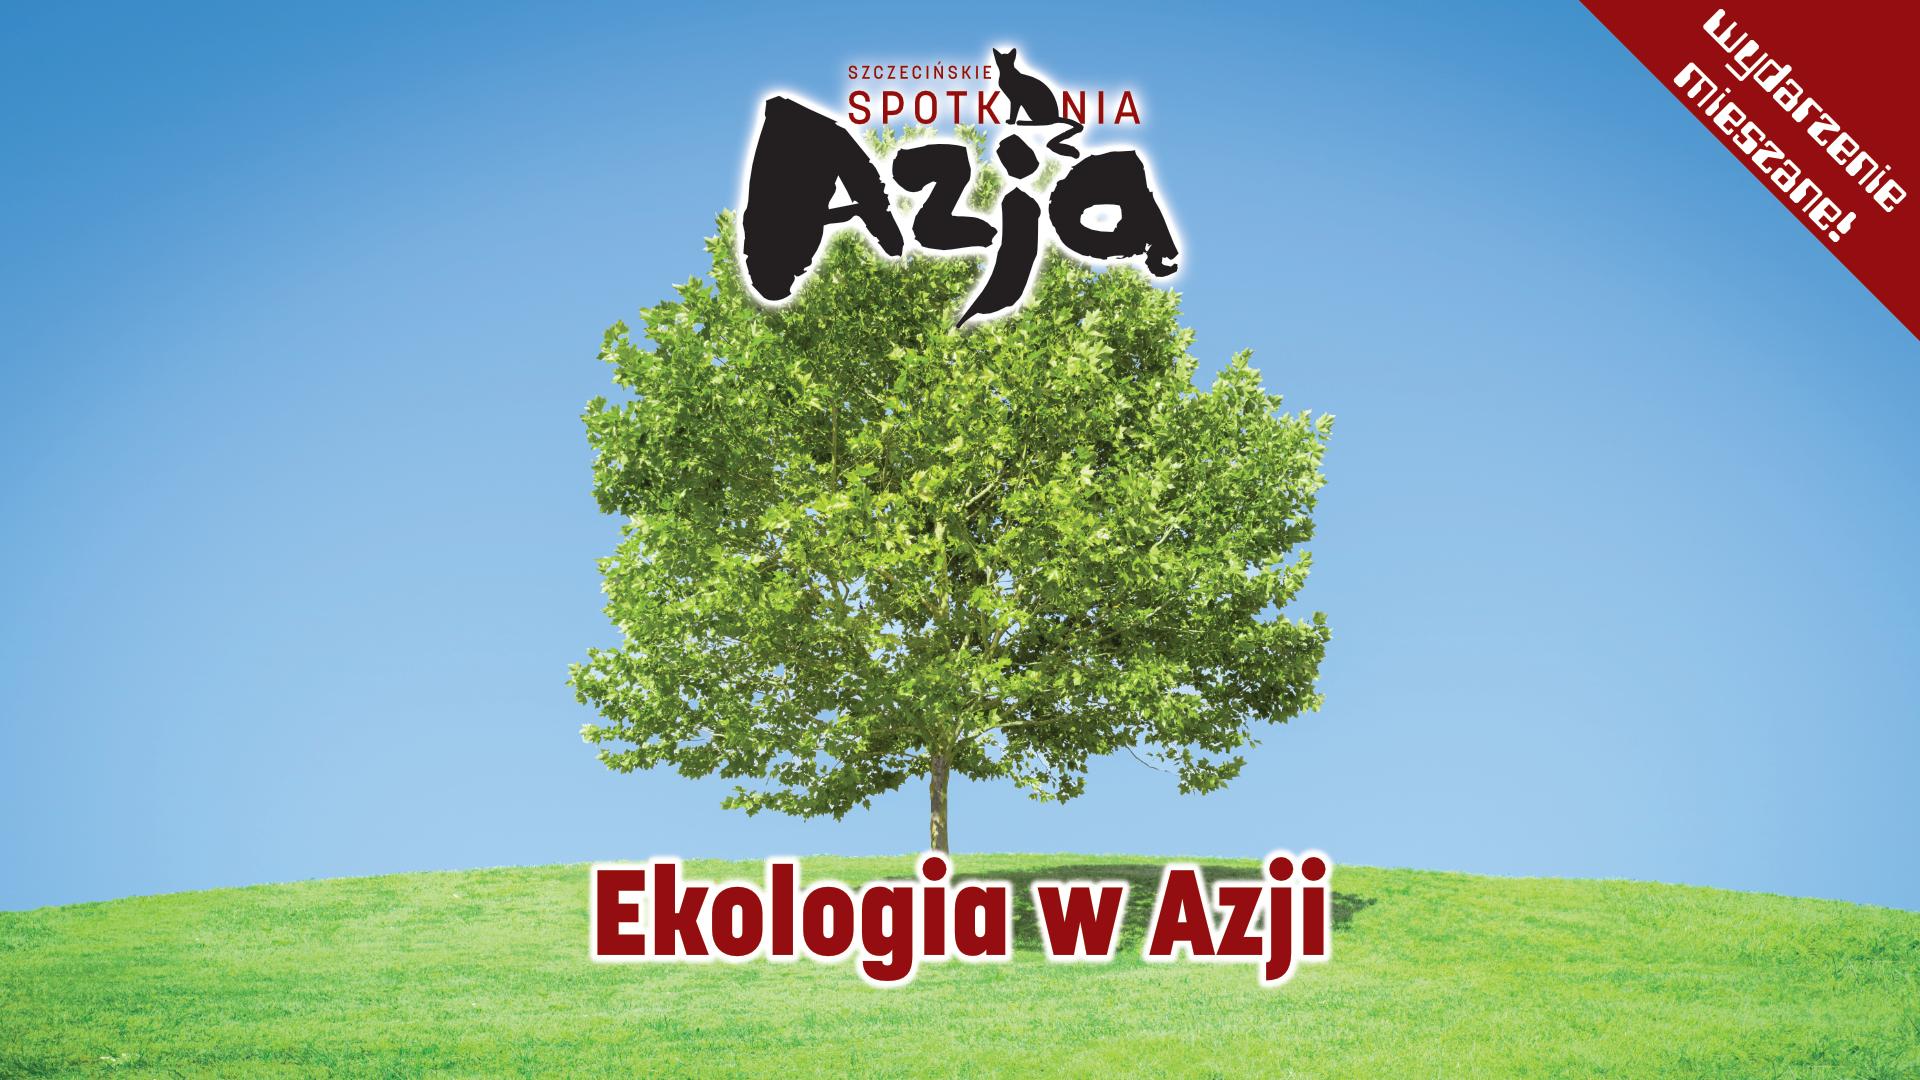 Ekologia w Azji